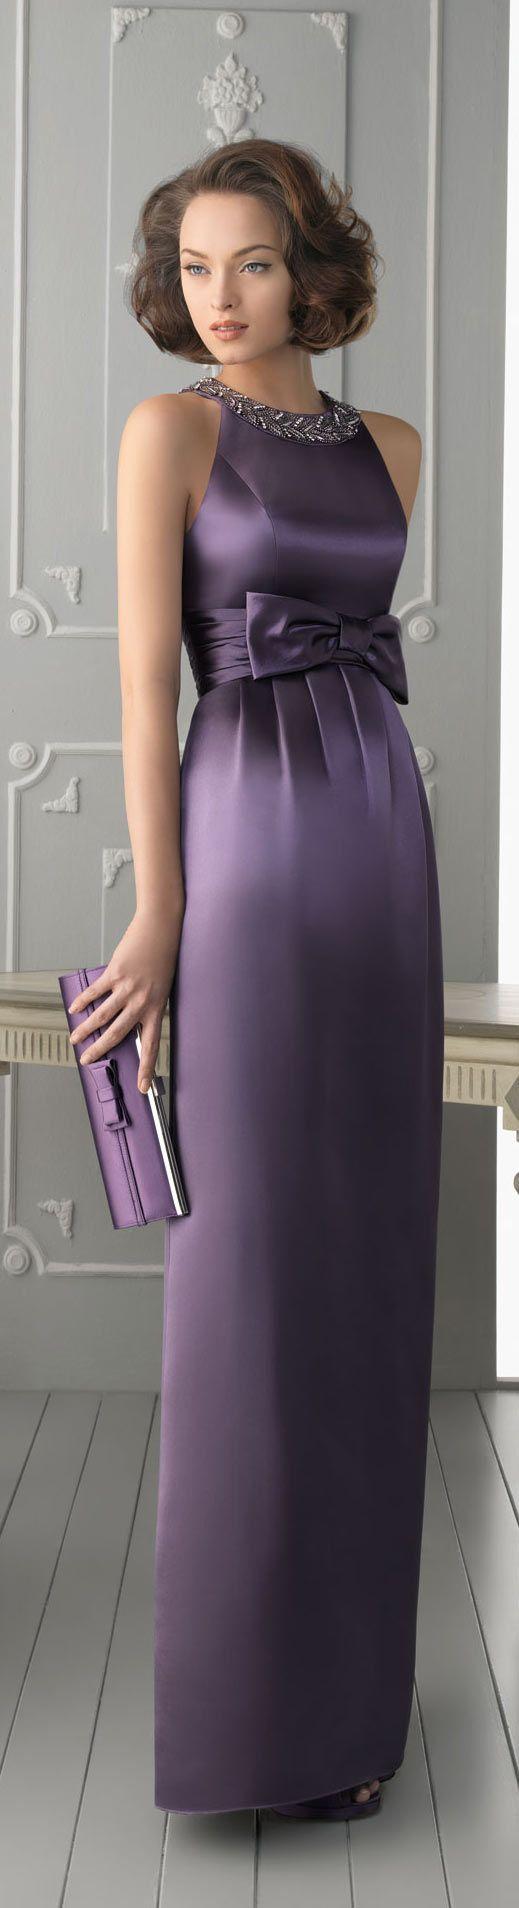 2666 best Vestido de gala images on Pinterest | Gown dress, Party ...